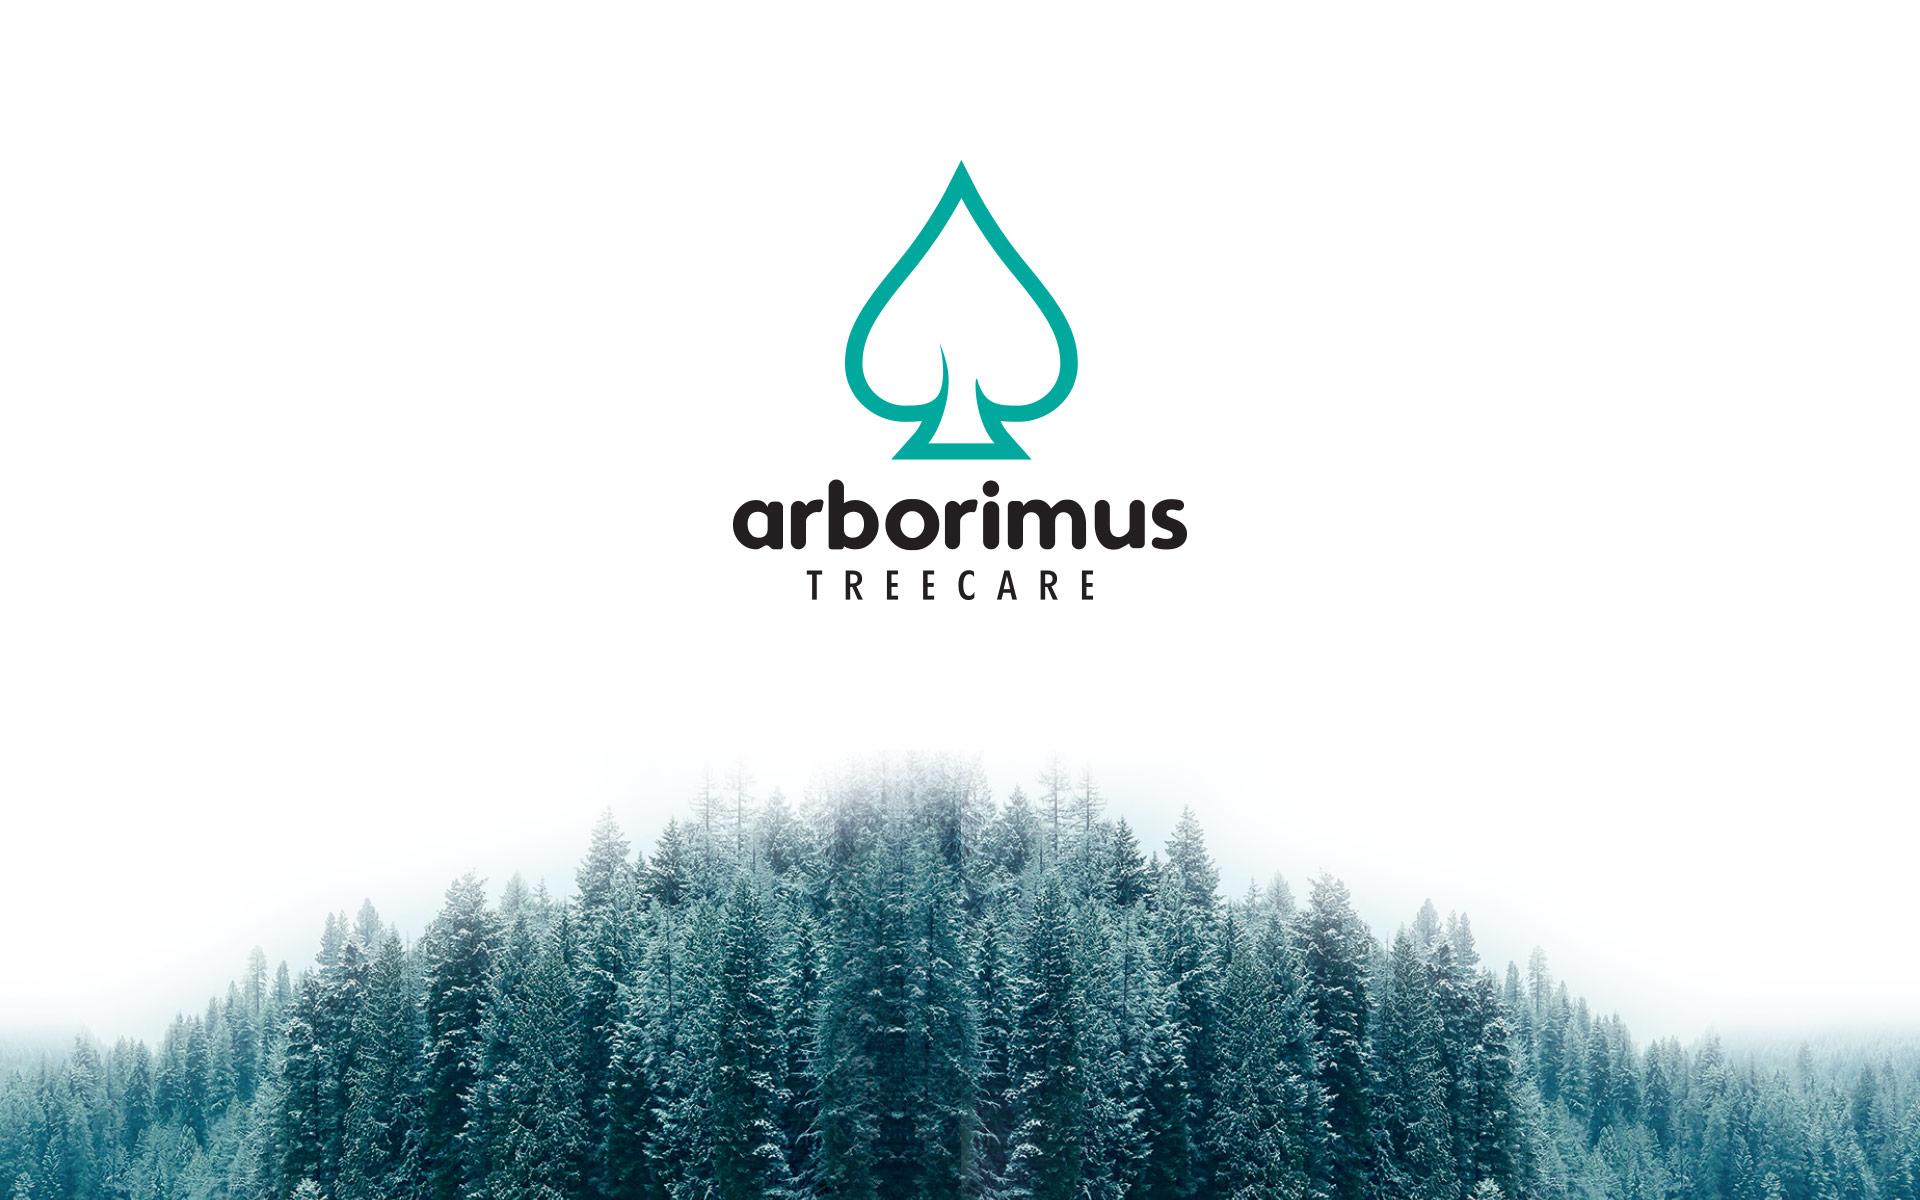 https://sconcept.be/wp-content/uploads/2019/08/arborimus_treecare_logo_1.jpg